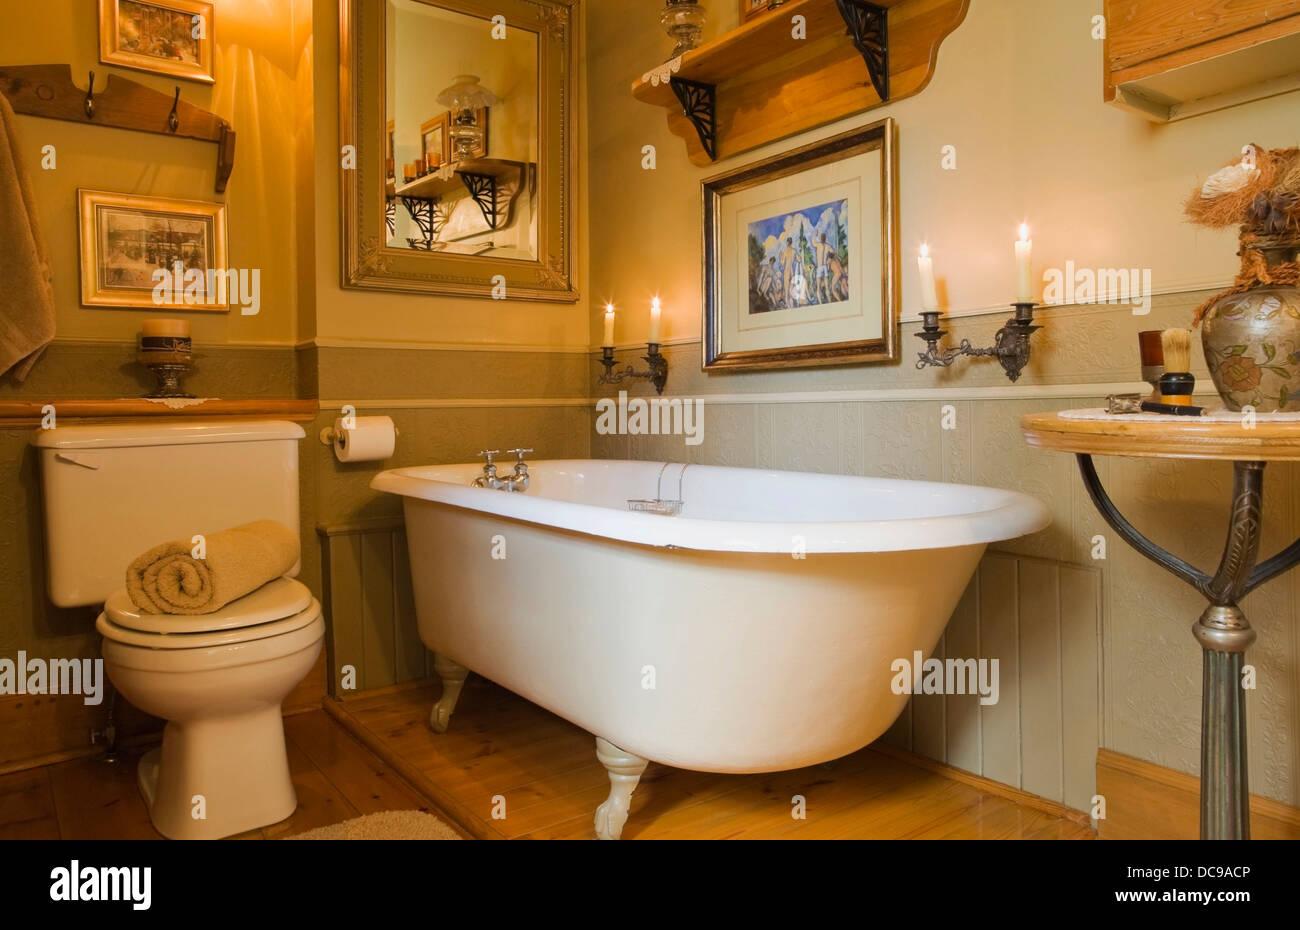 Rustikale Badezimmer in einem alten Wohnhaus Canadiana Stockfoto ...